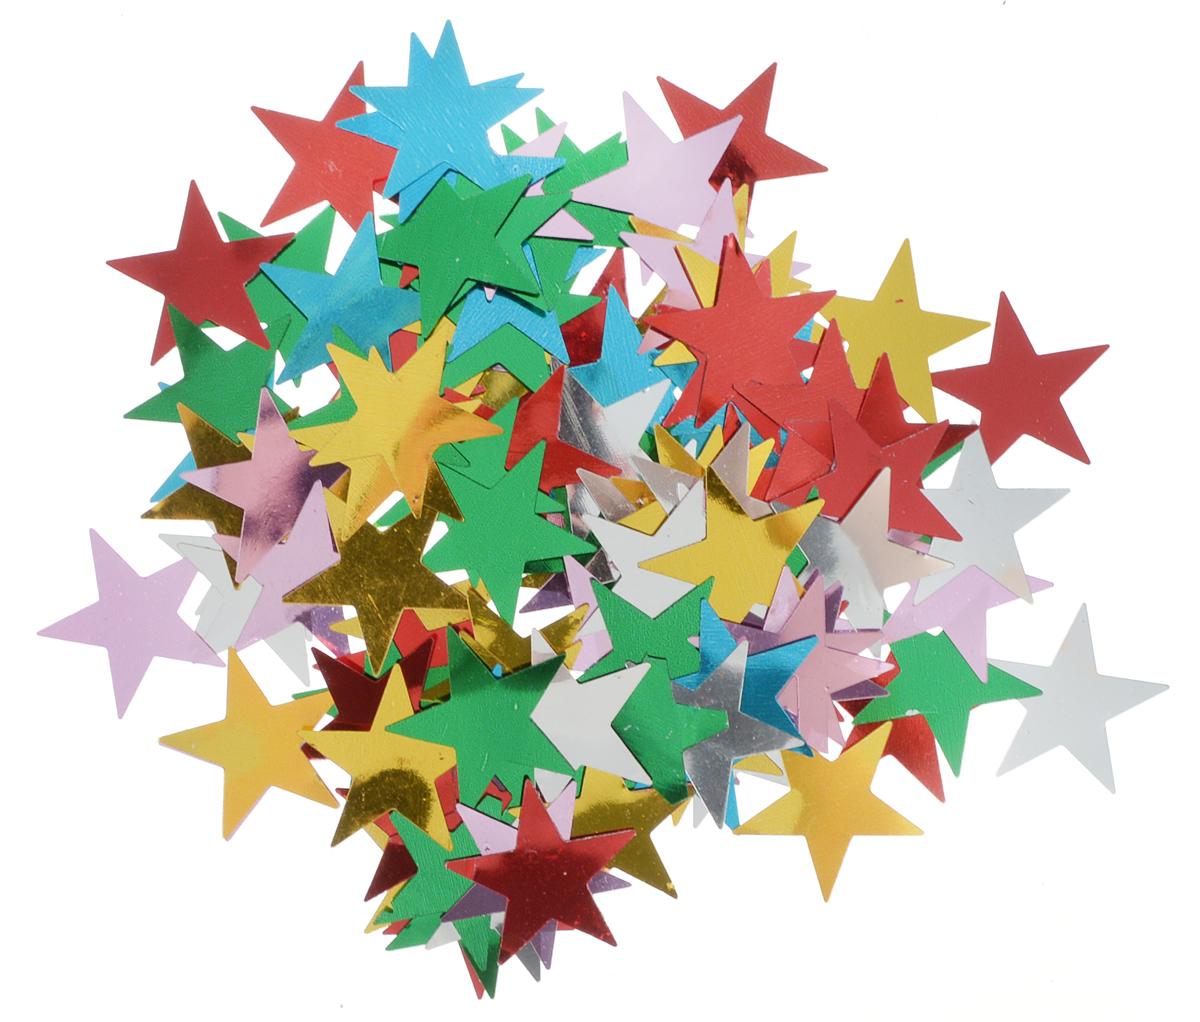 Конфетти новогоднее Magic Time Звездочки, 13 г42146/75796Новогоднее конфетти Magic Time Звездочки выполнено из ПЭТ (полиэтилентерефталата) в форме звезд. Конфетти создаст праздничное настроение, сделает праздник ярким и незабываемым. Новогодние украшения всегда несут в себе волшебство и красоту праздника. Создайте в своем доме атмосферу тепла, веселья и радости, украшая его всейсемьей. Вес упаковки: 13 г. Размеры звезды: 2,8 х 2,8 см.